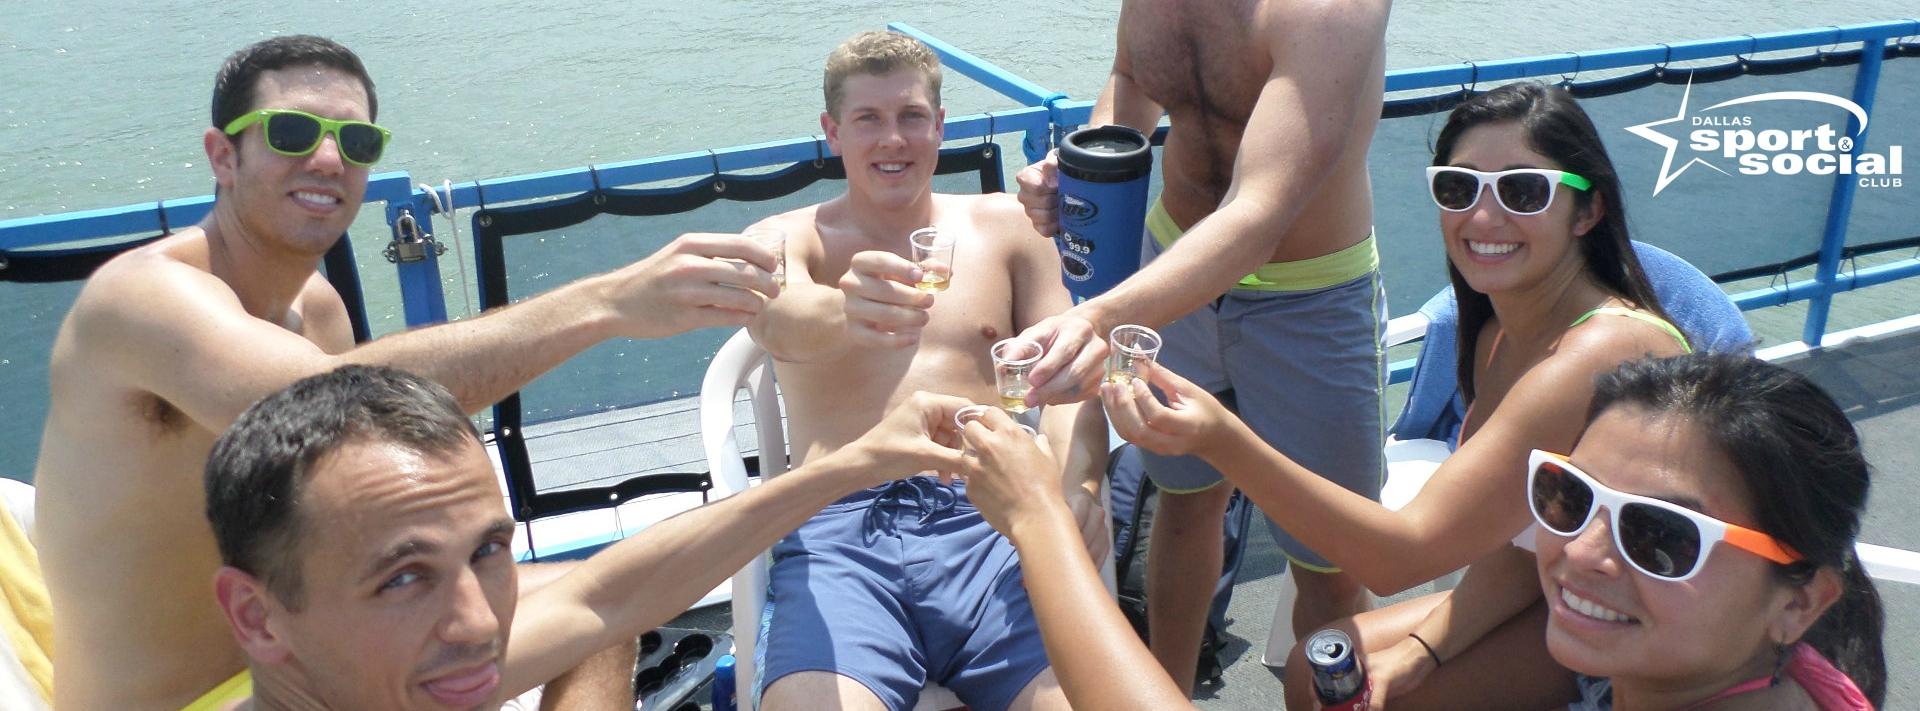 Dallas Sport & Social Party Boat